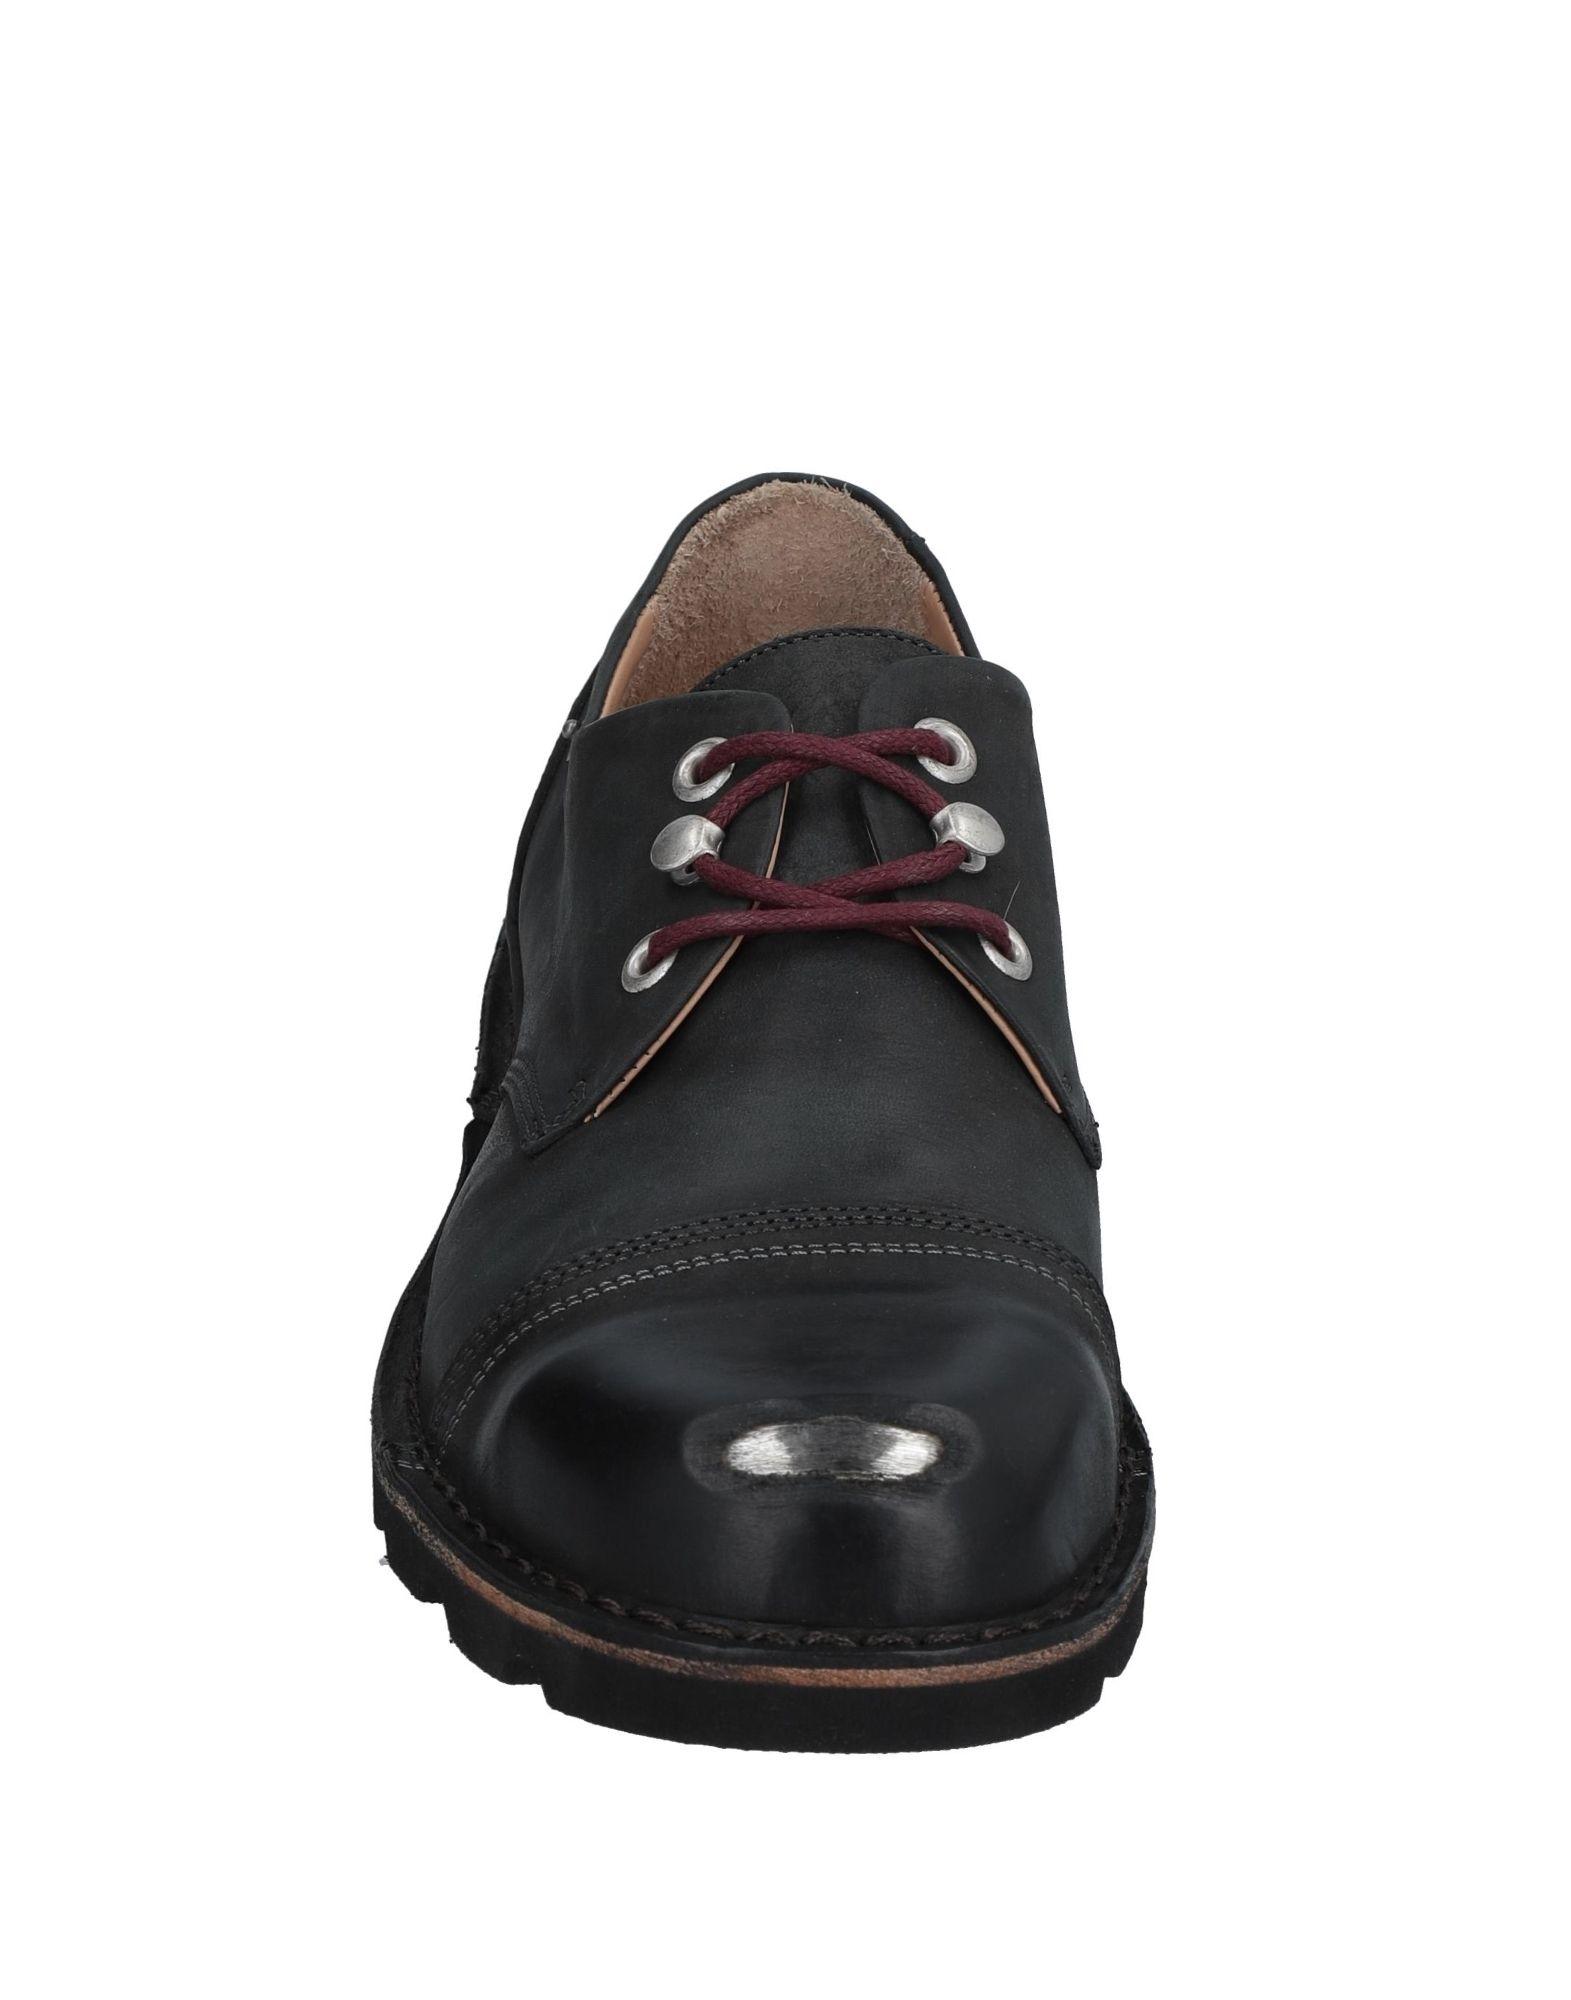 Diesel Schnürschuhe Herren  11534485HF Gute Qualität beliebte Schuhe